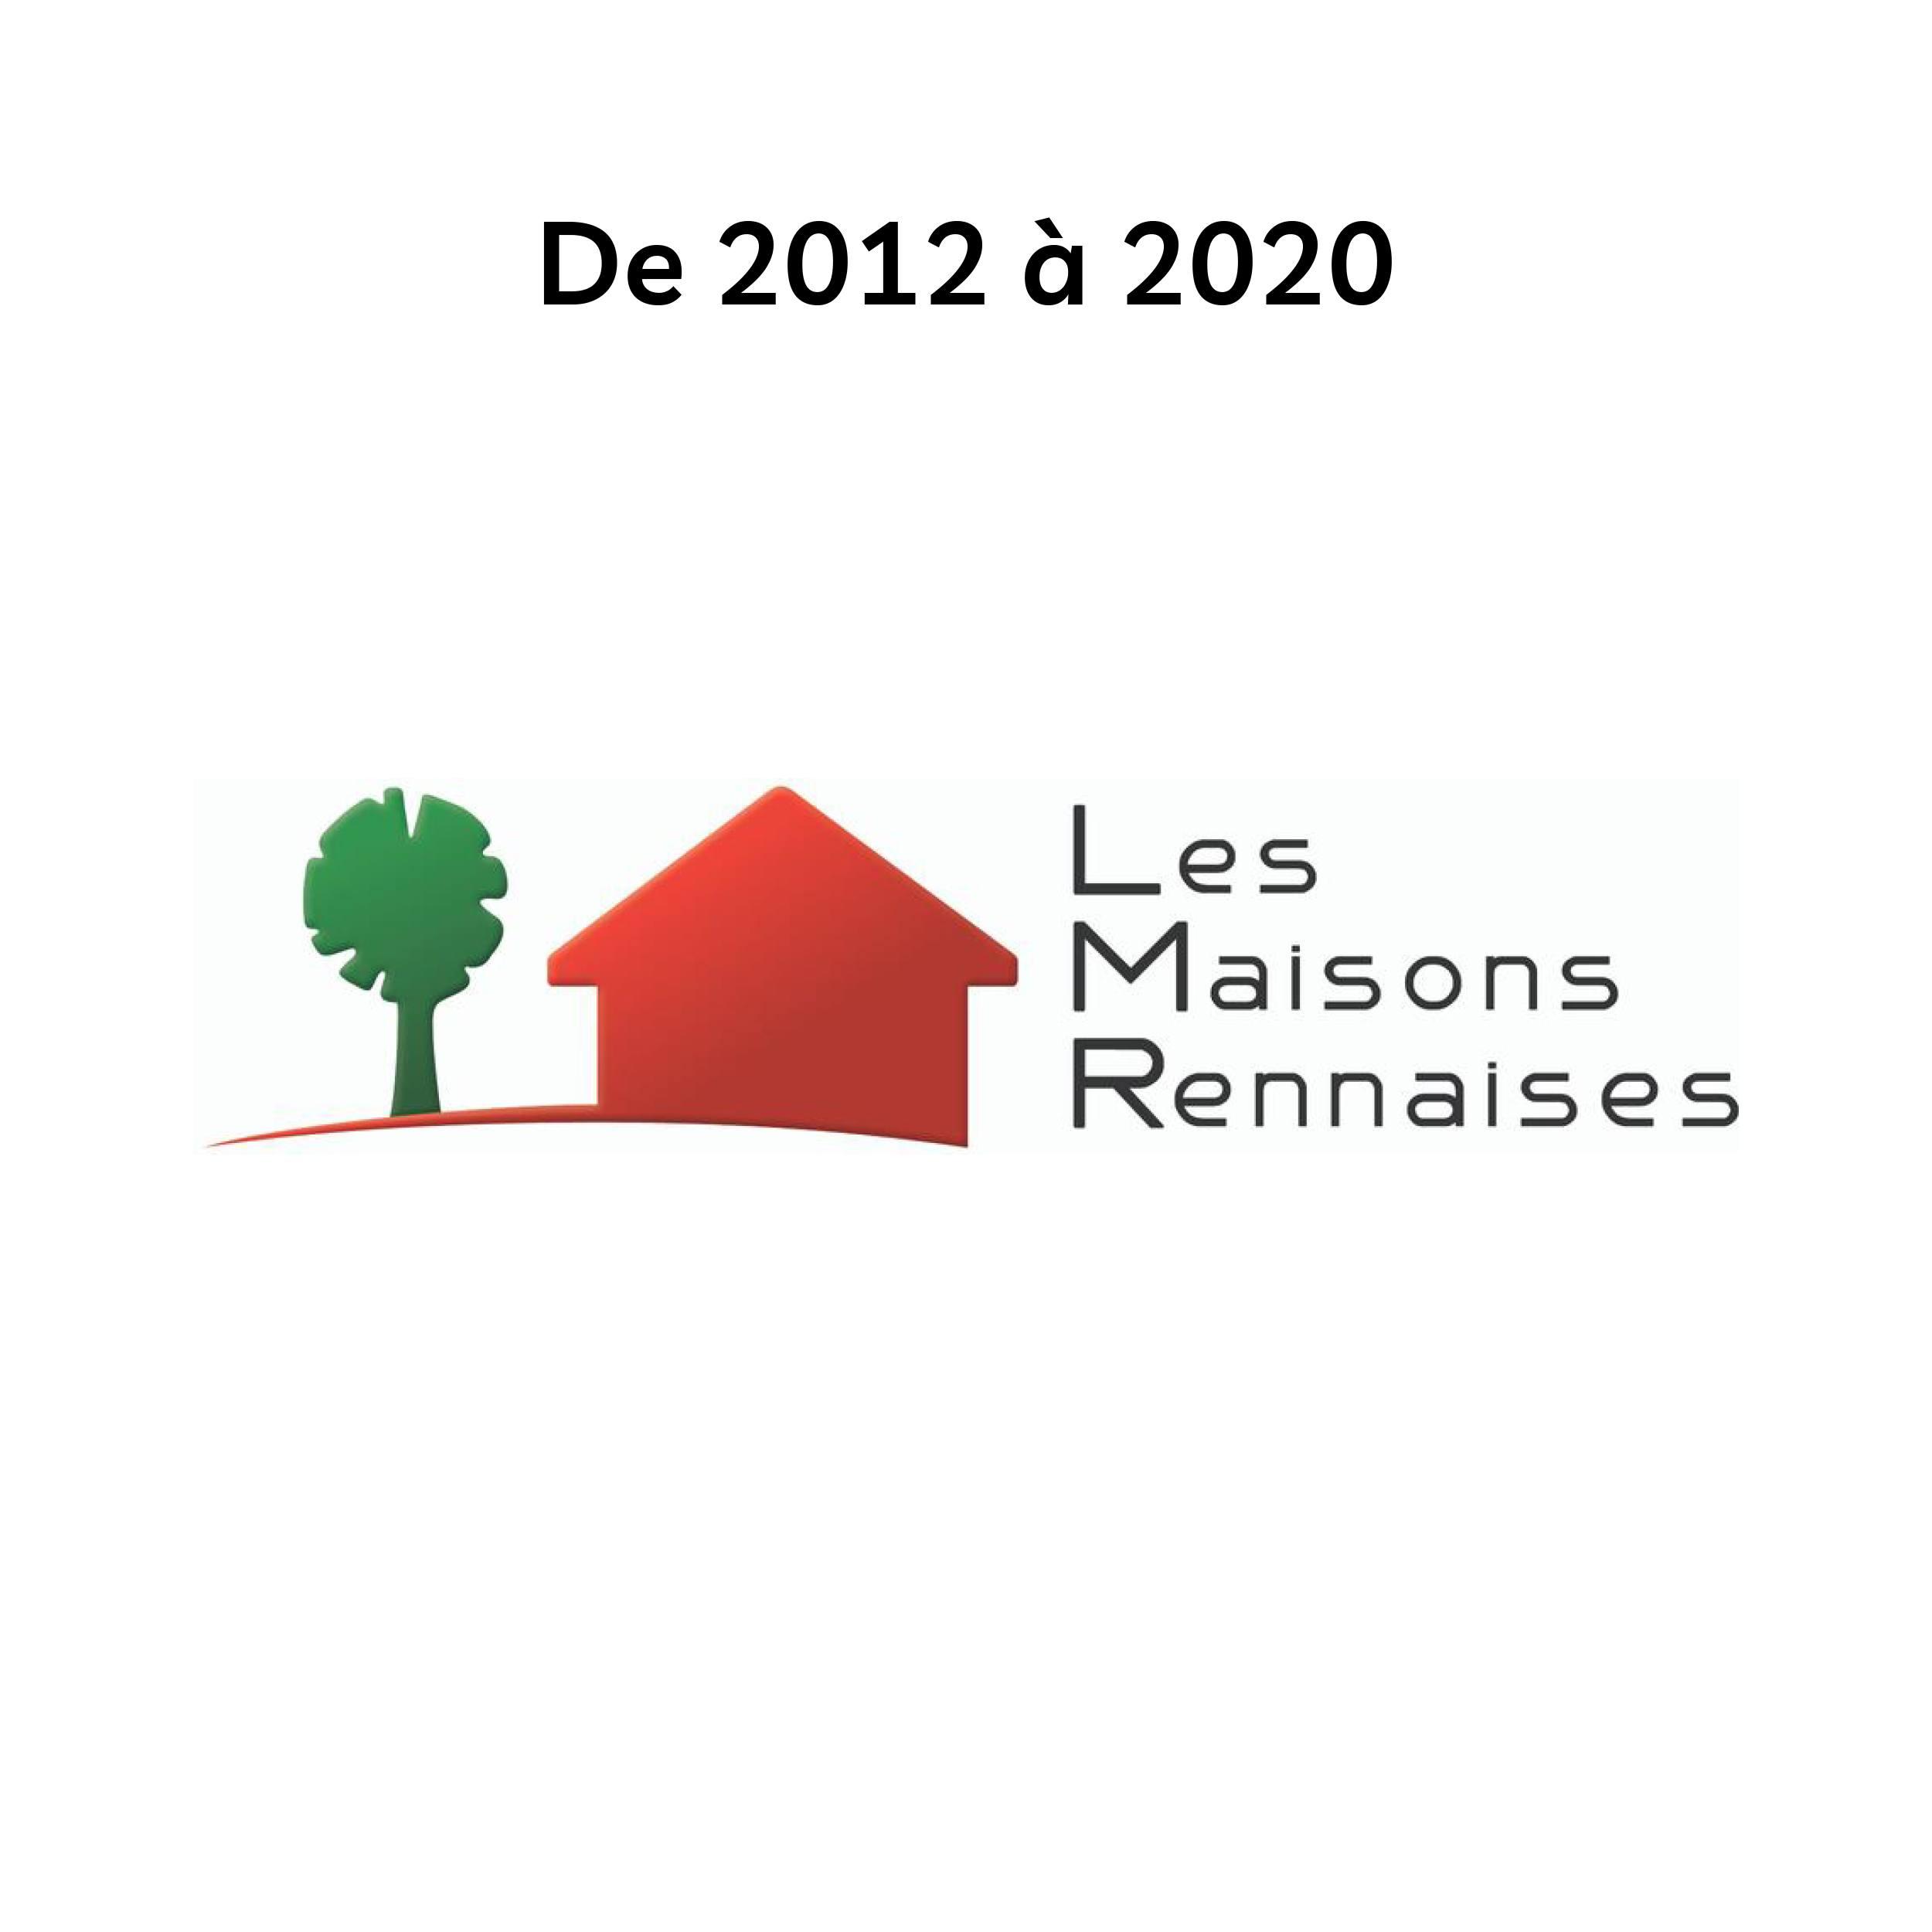 Logo des Maisons Rennaises de 2012 à 2020